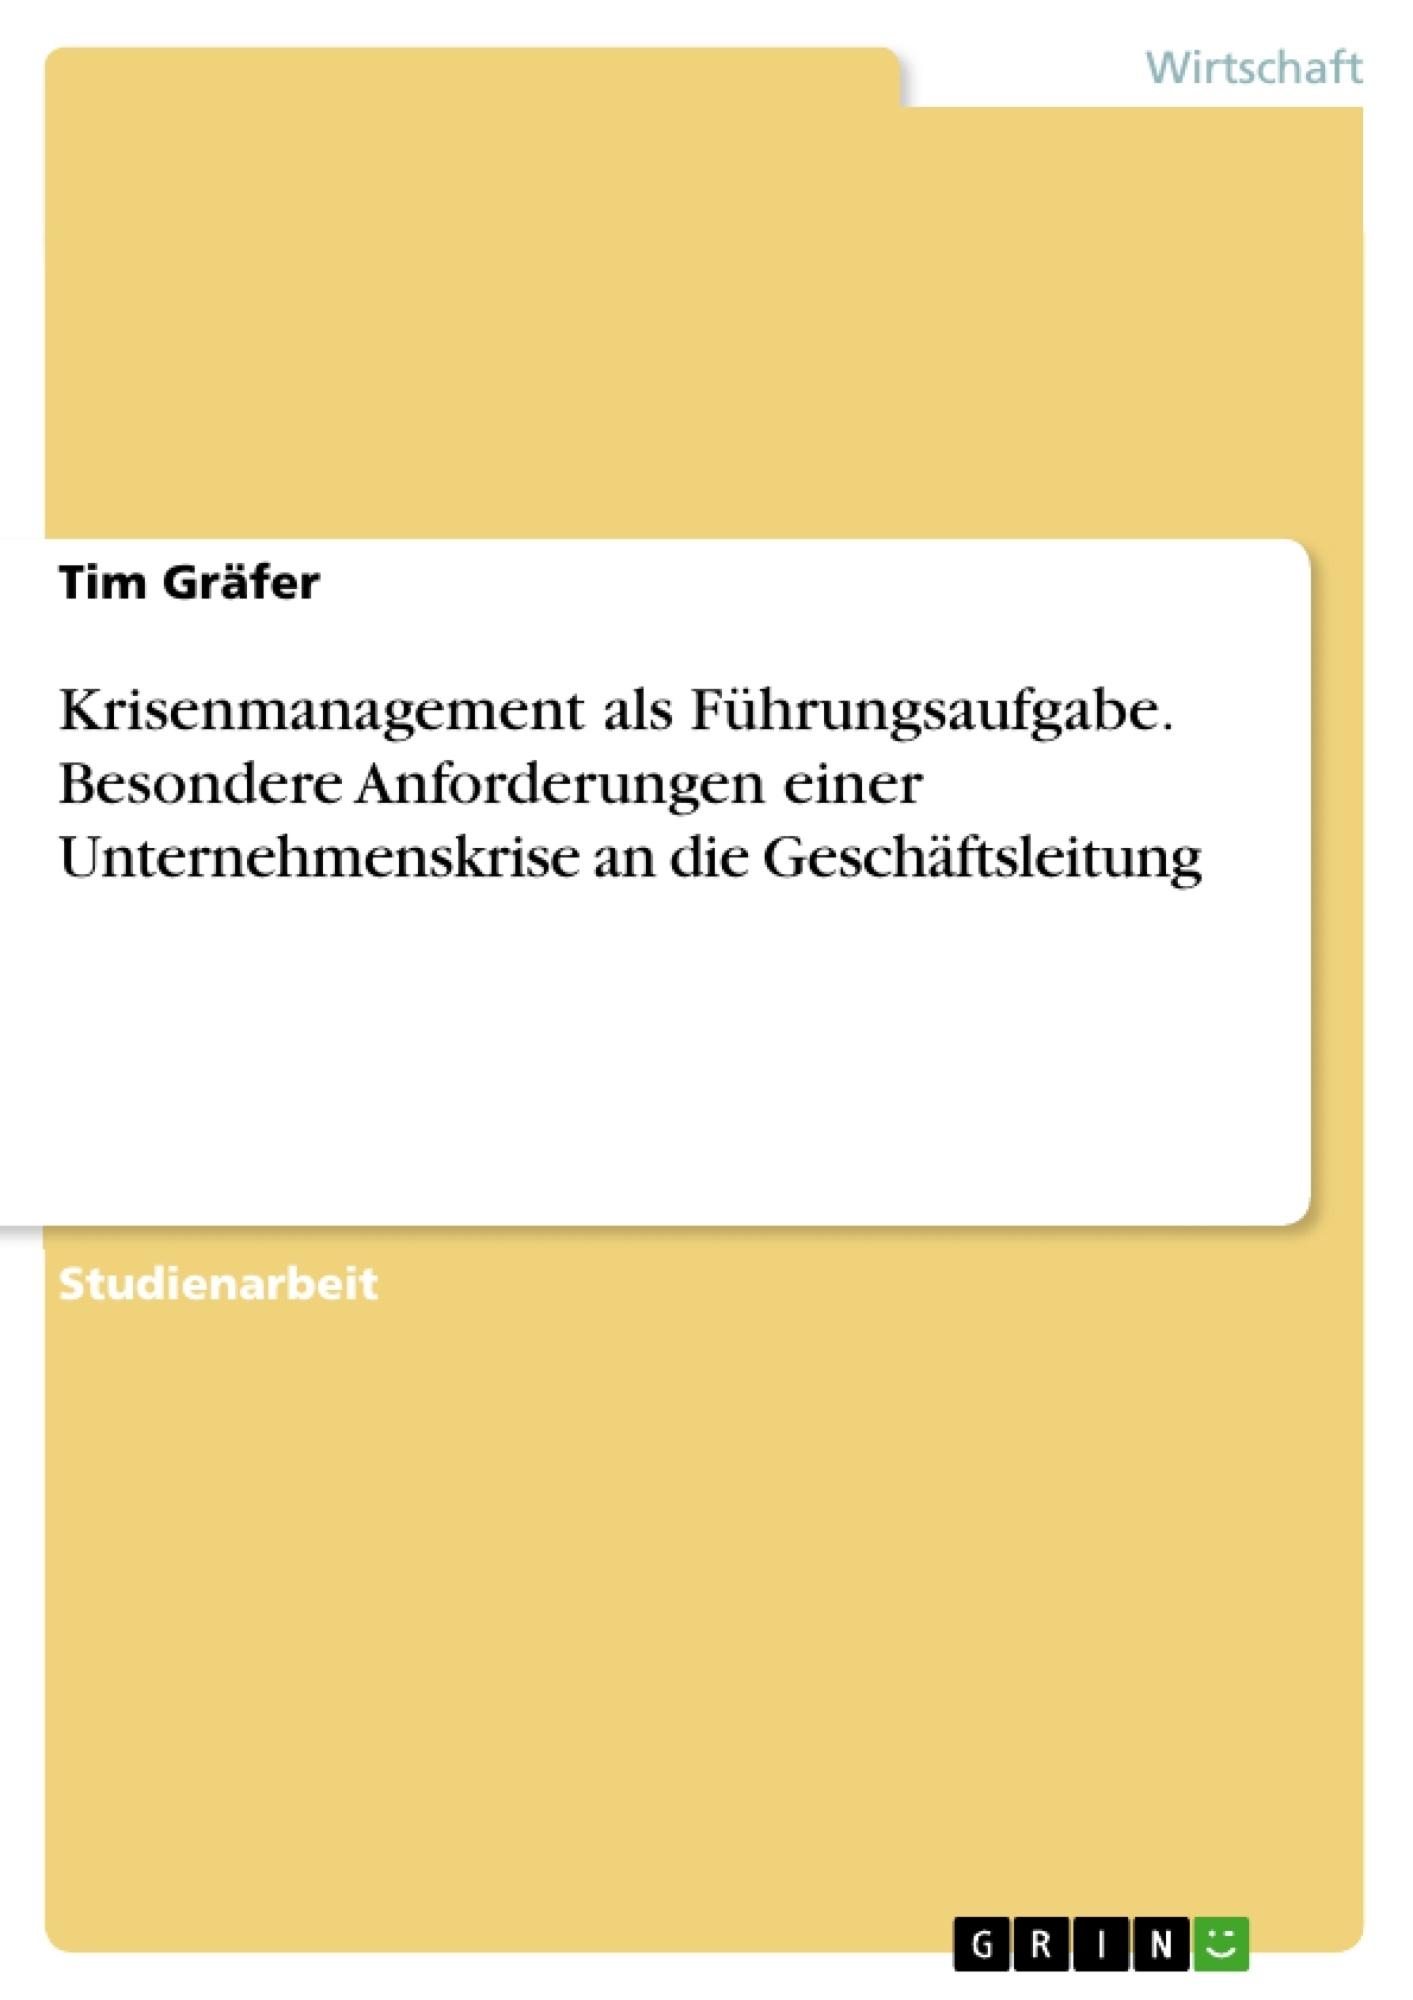 Titel: Krisenmanagement als Führungsaufgabe. Besondere Anforderungen einer Unternehmenskrise an die Geschäftsleitung